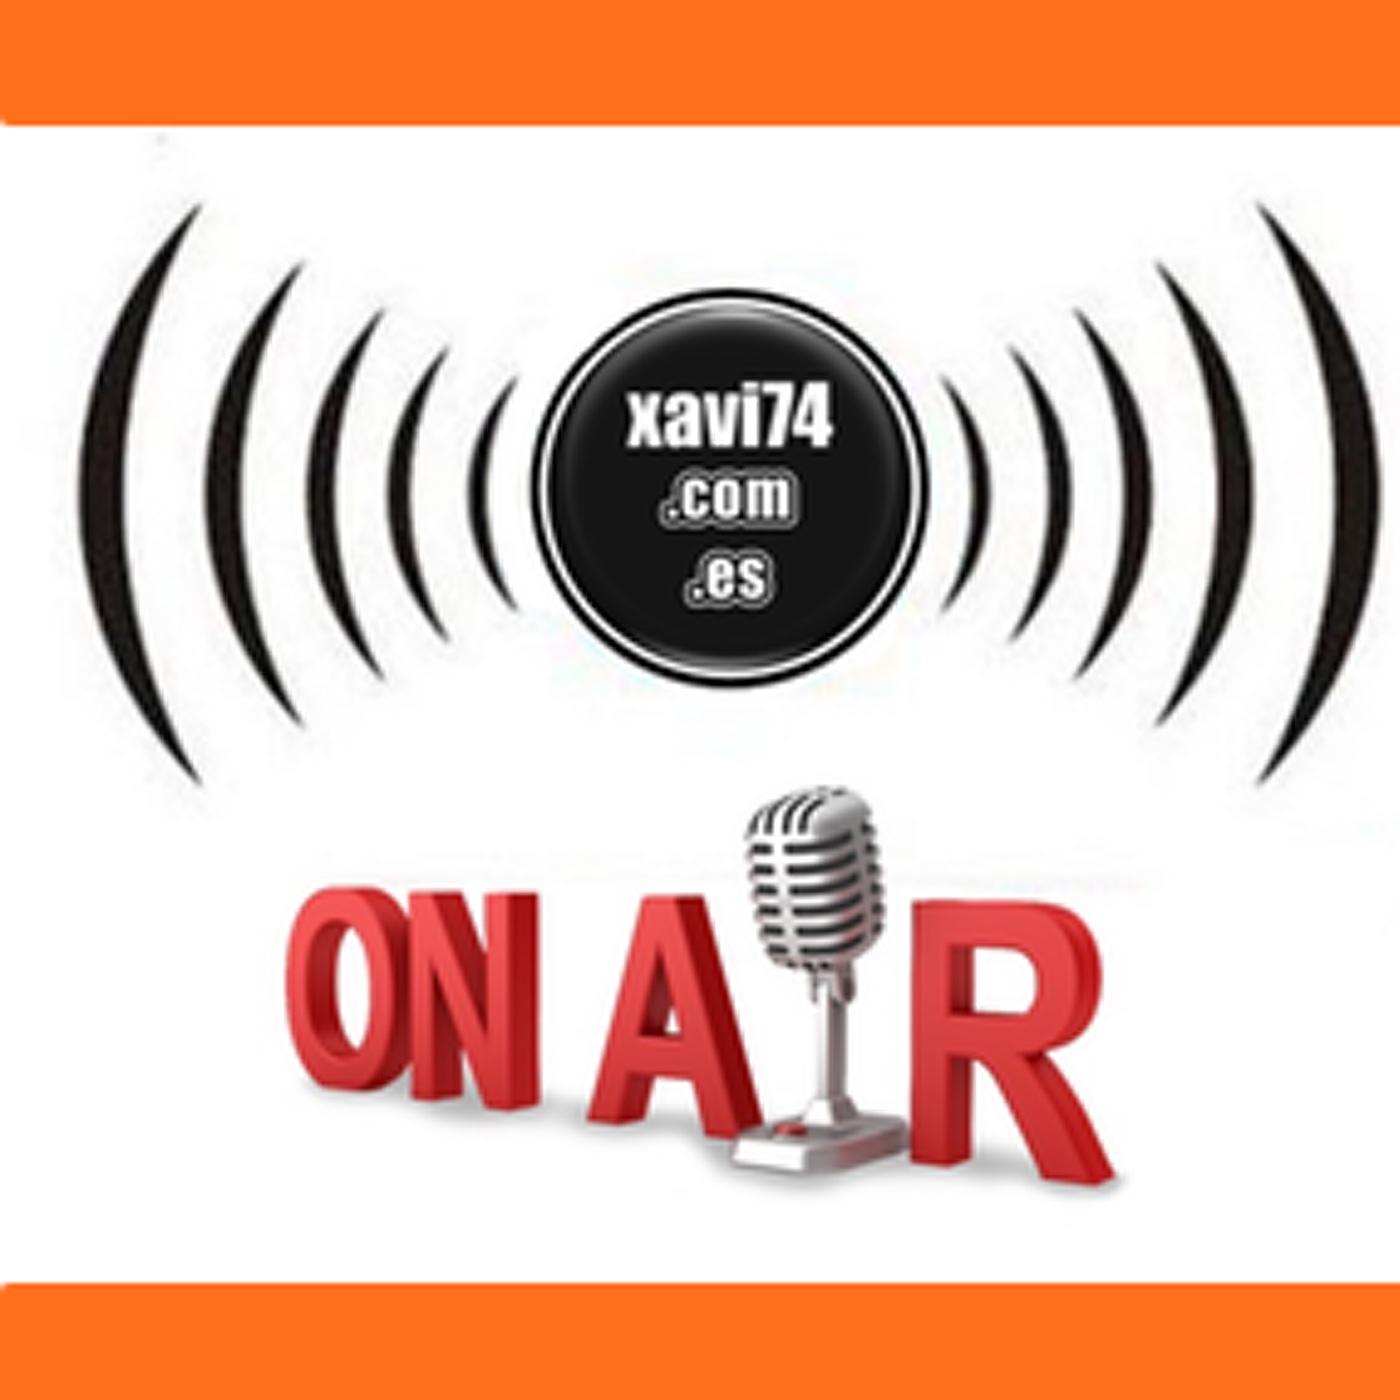 Podcast Xavi74 en directo